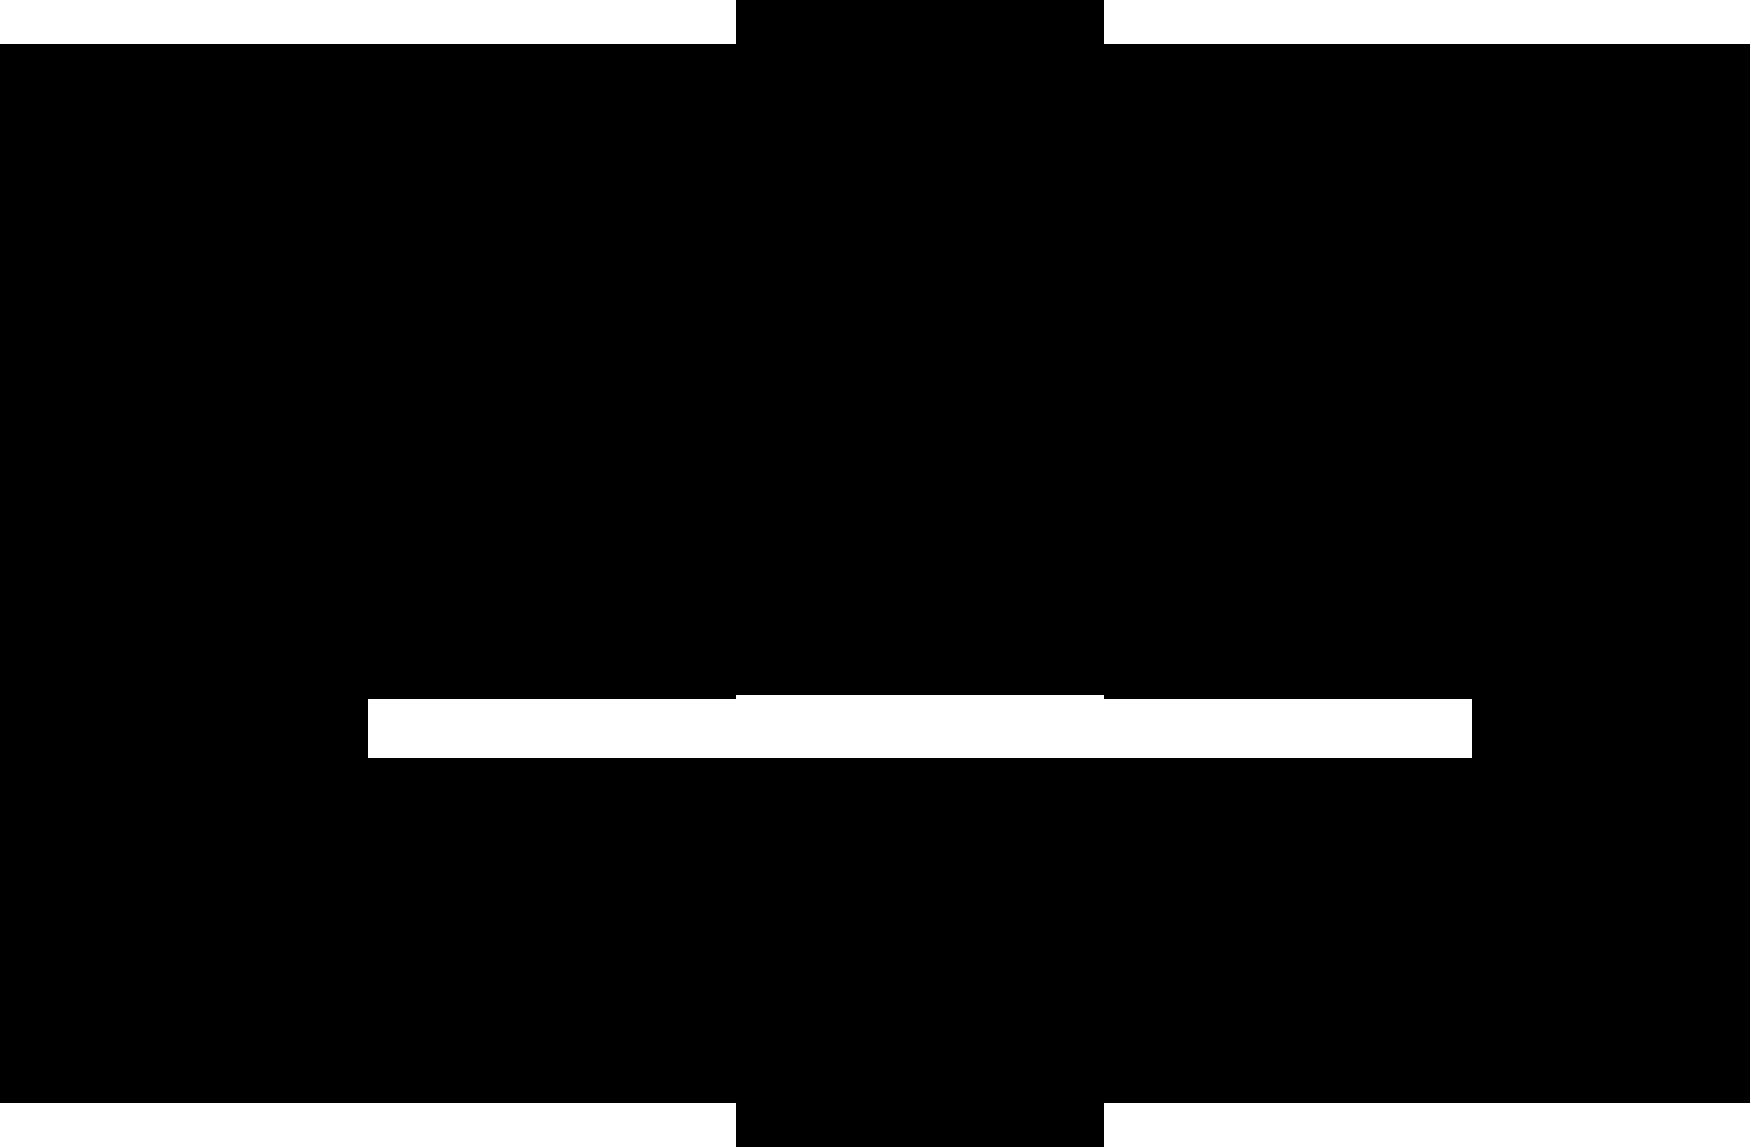 Enrique Tomás logo